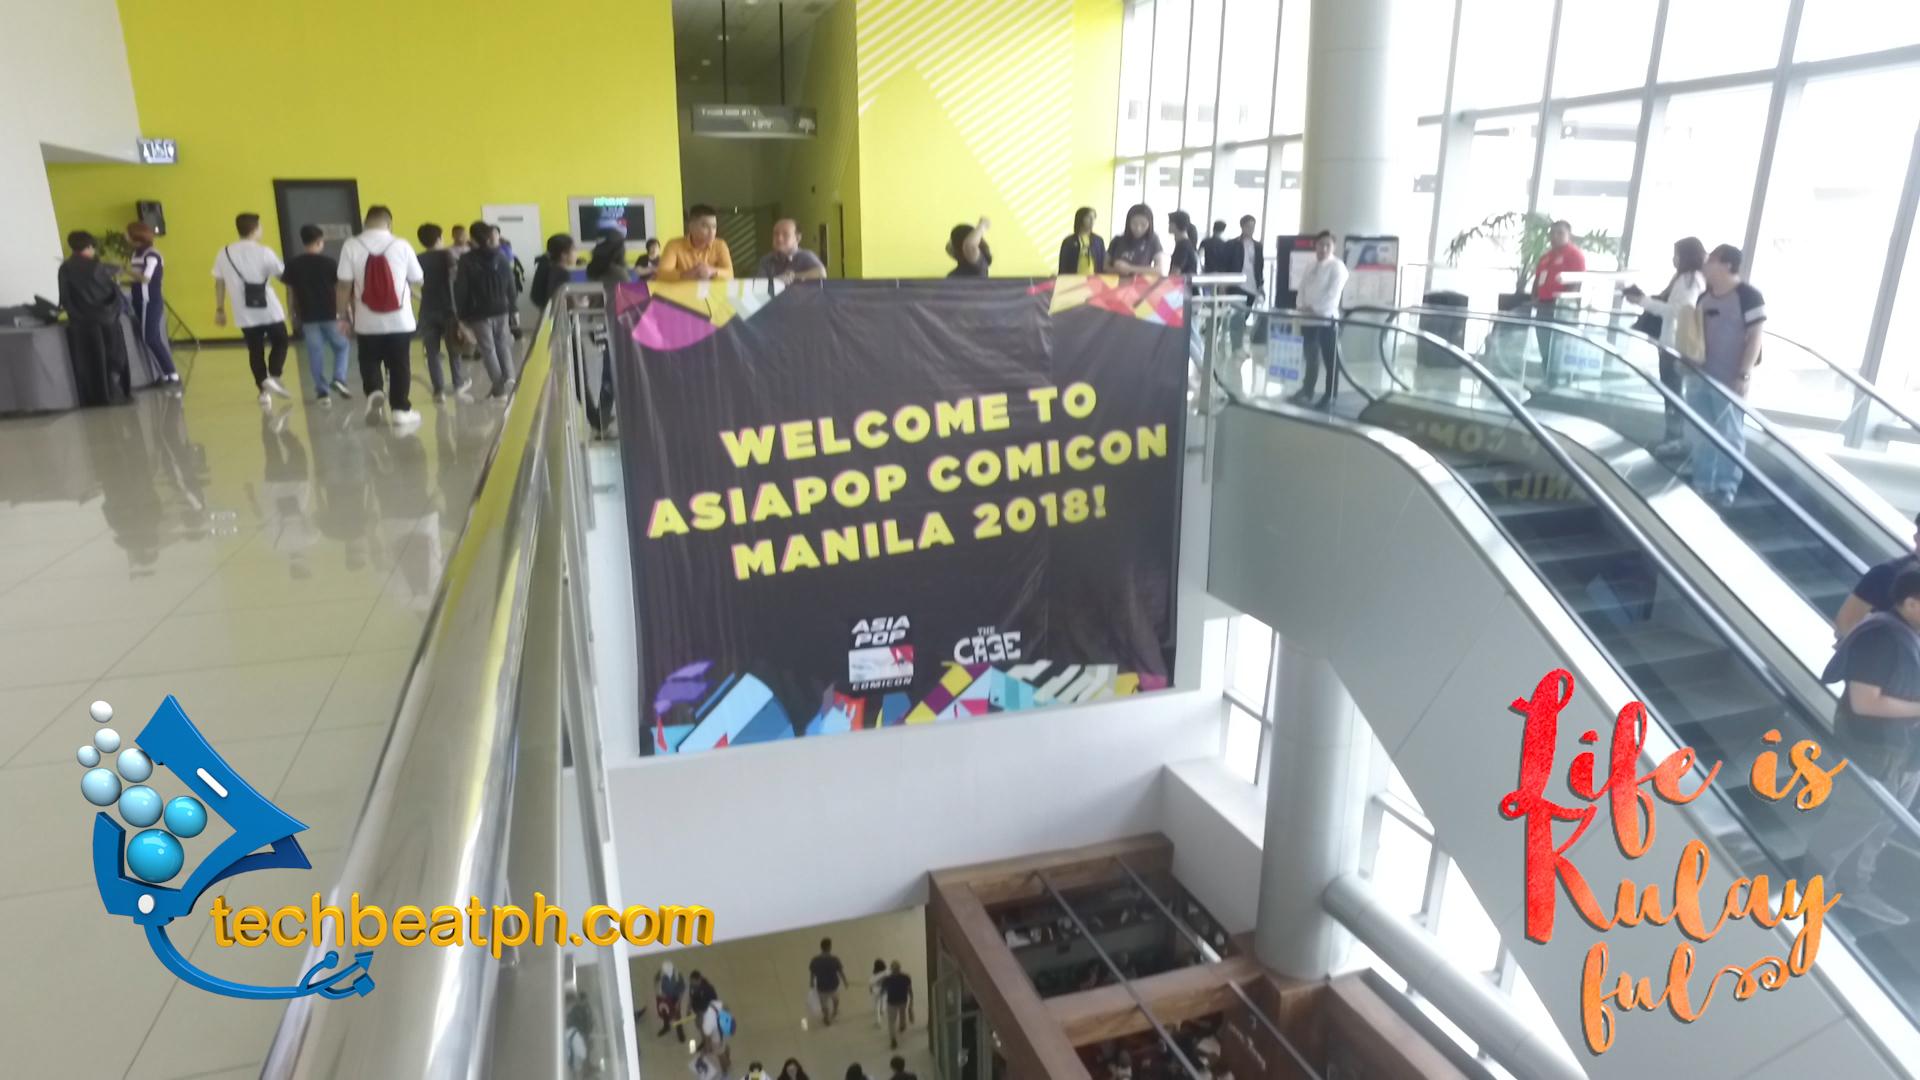 Asia Pop Comic Con 2018